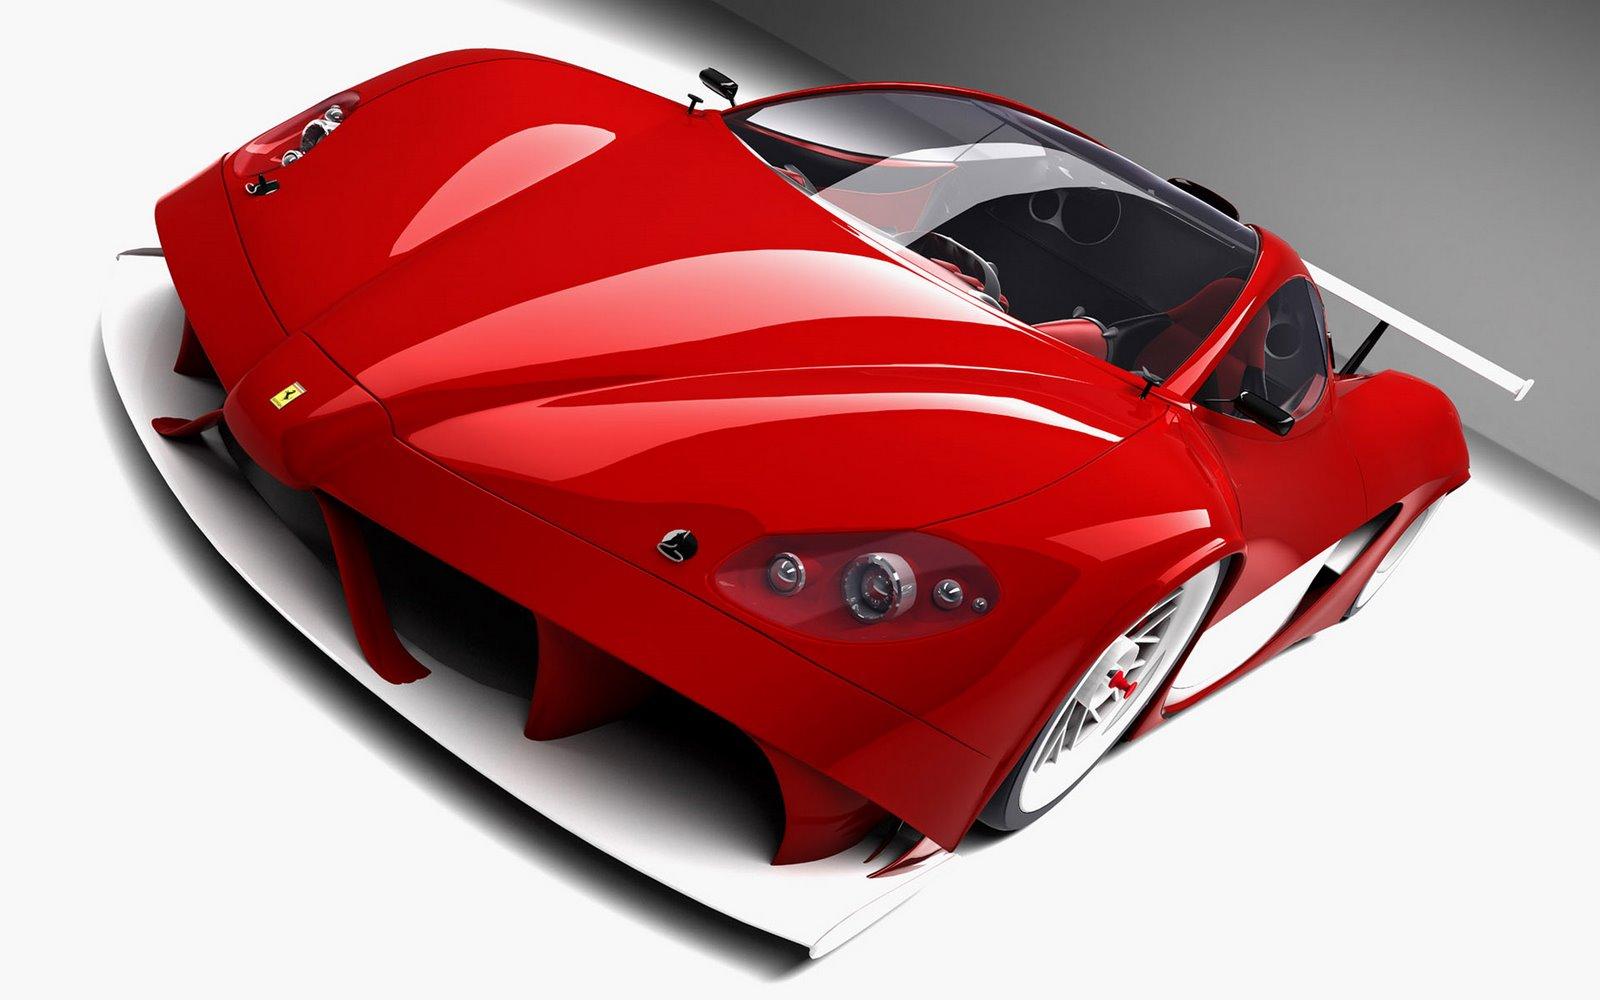 http://3.bp.blogspot.com/_z51hrrVaAI0/SZO0wpKX8hI/AAAAAAAABEo/dvm_JuRhpGw/s1600/Ferrari+%2820%29.jpg